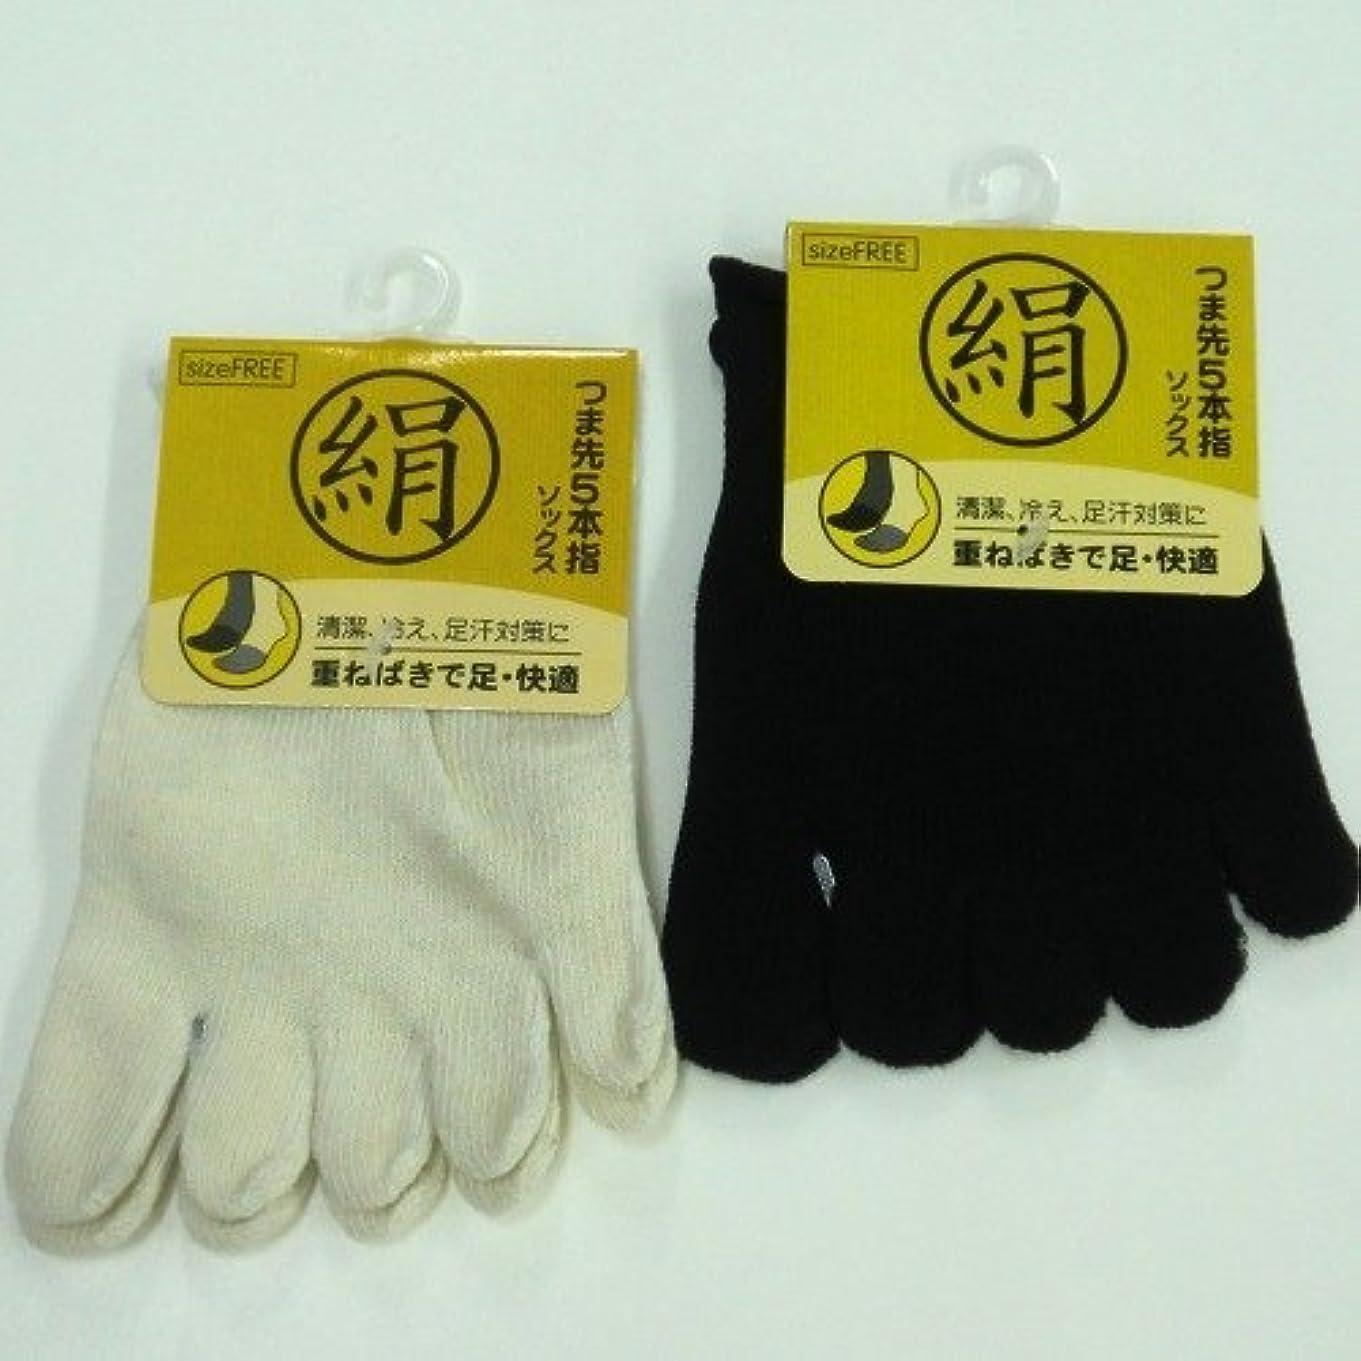 分繰り返すラッドヤードキップリングシルク 5本指ハーフソックス 足指カバー 天然素材絹で抗菌防臭 3足組 (色はお任せ)